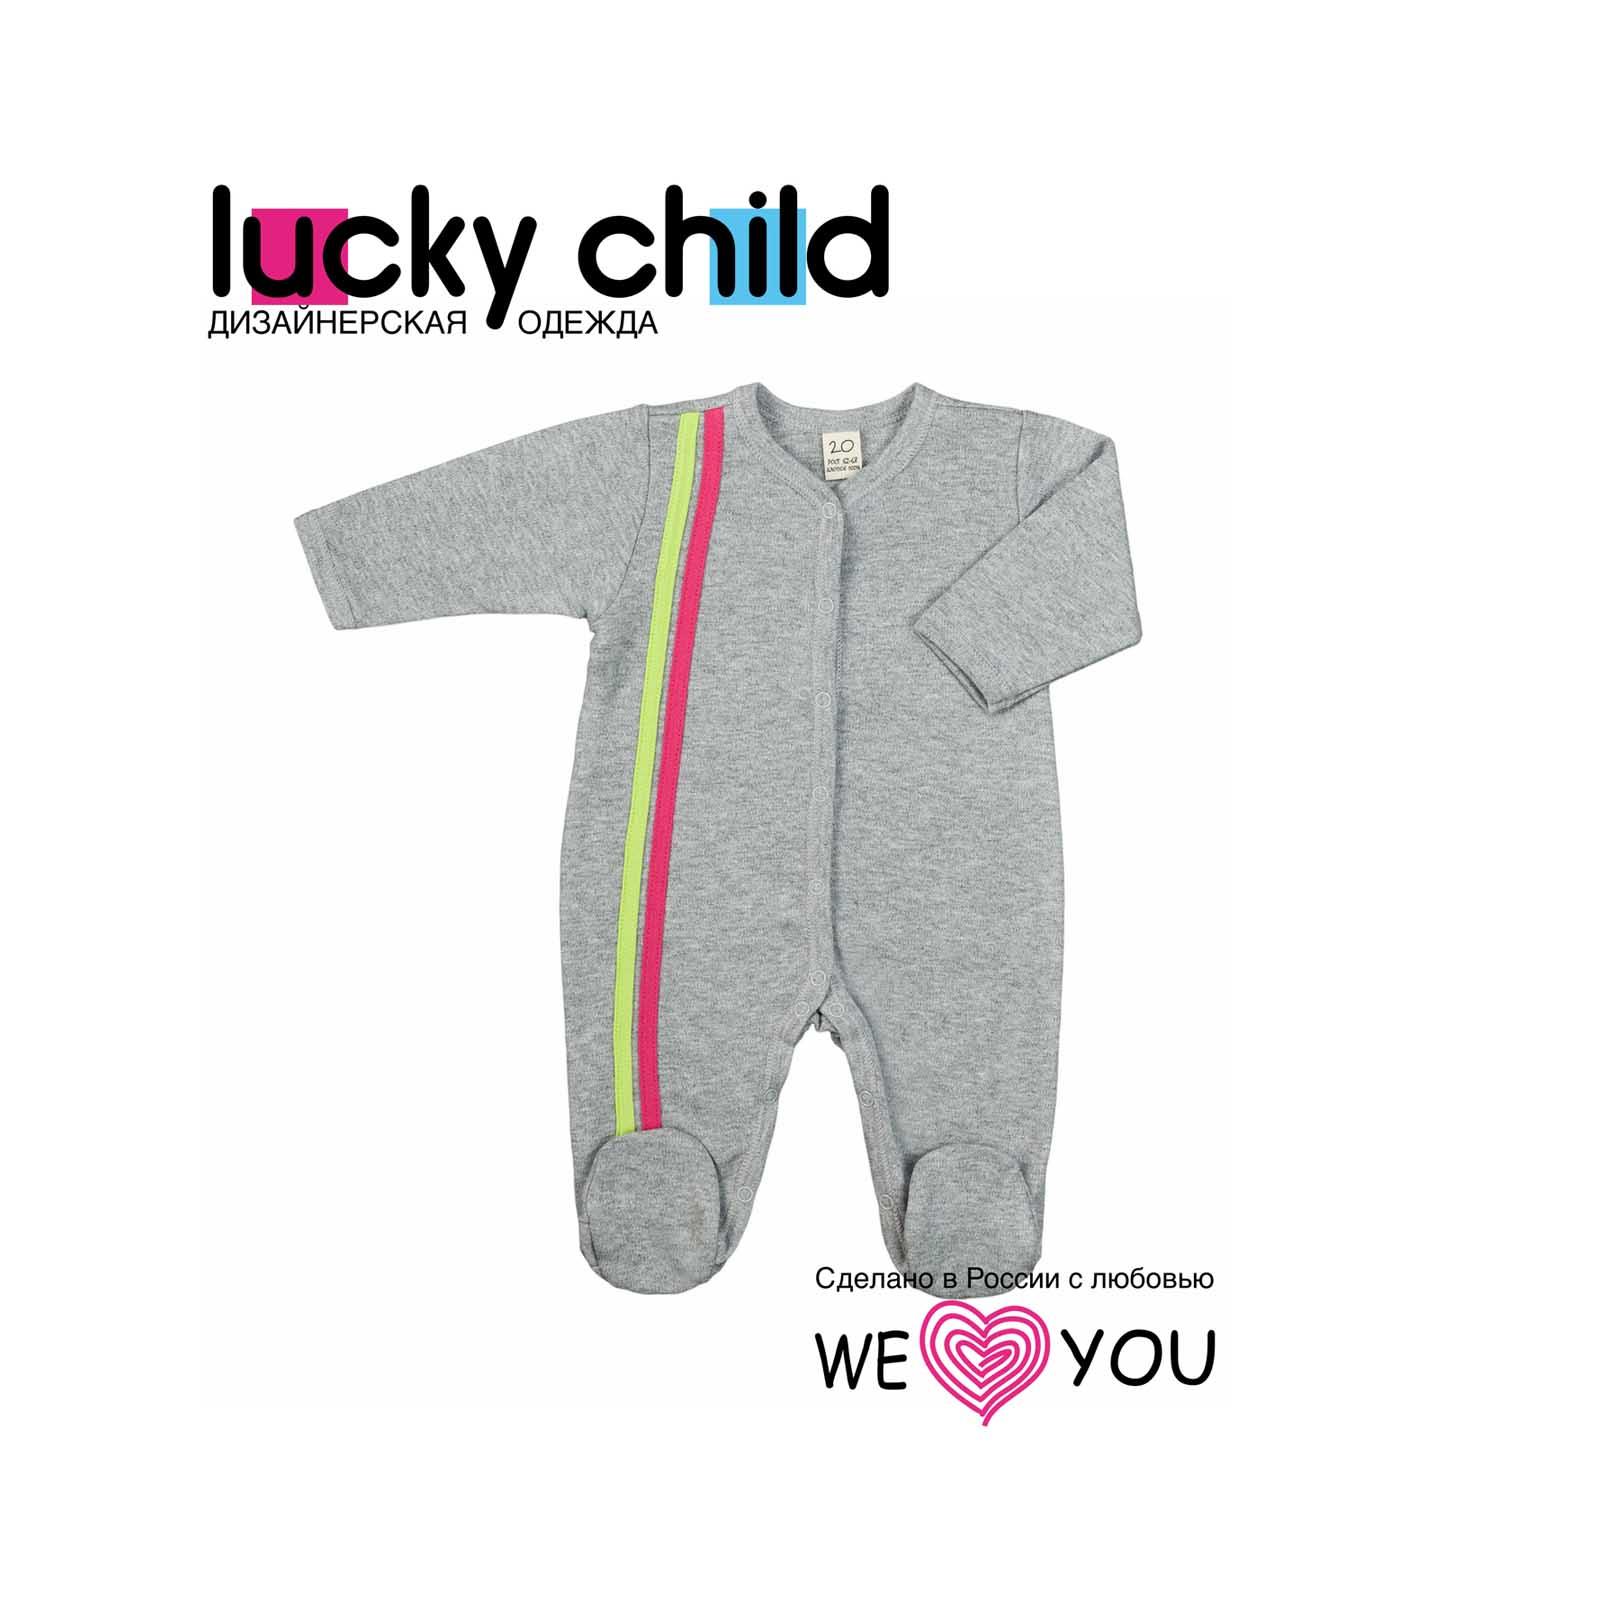 Комбинезон Lucky Child коллекция Спортивная линия, для девочки размер 56<br>